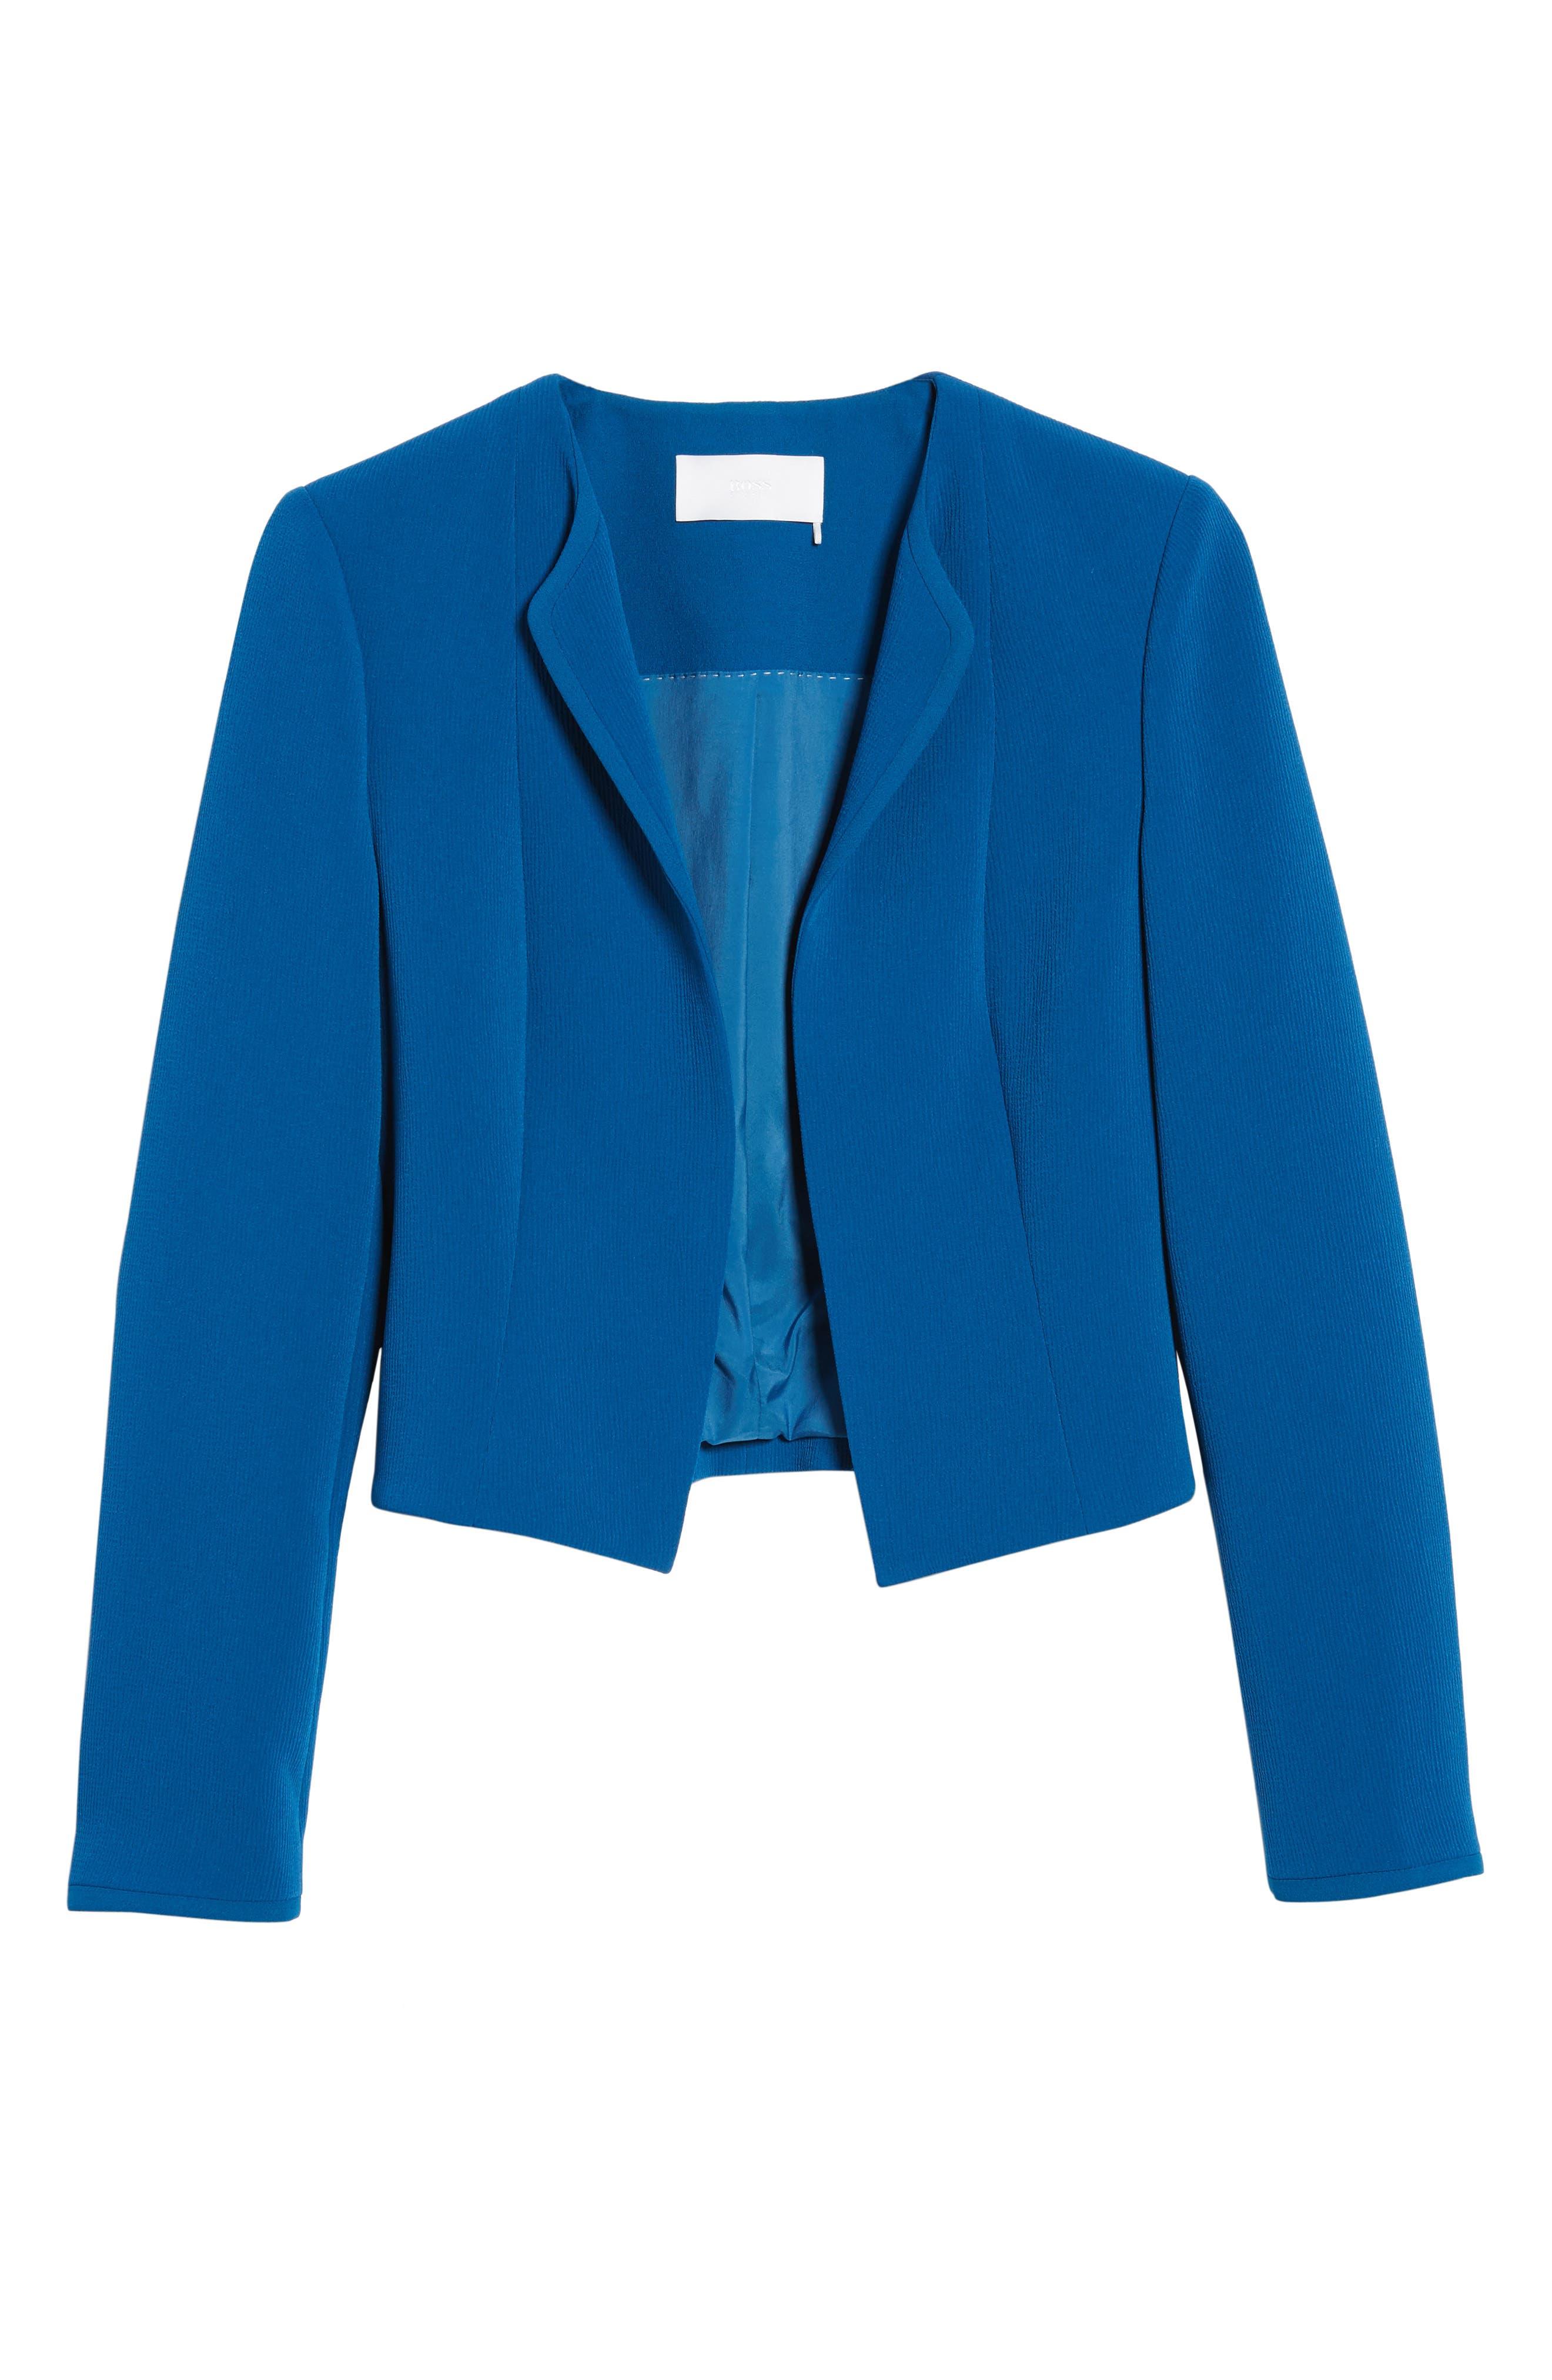 Jerusa Crop Suit Jacket,                             Alternate thumbnail 6, color,                             Gentian Blue